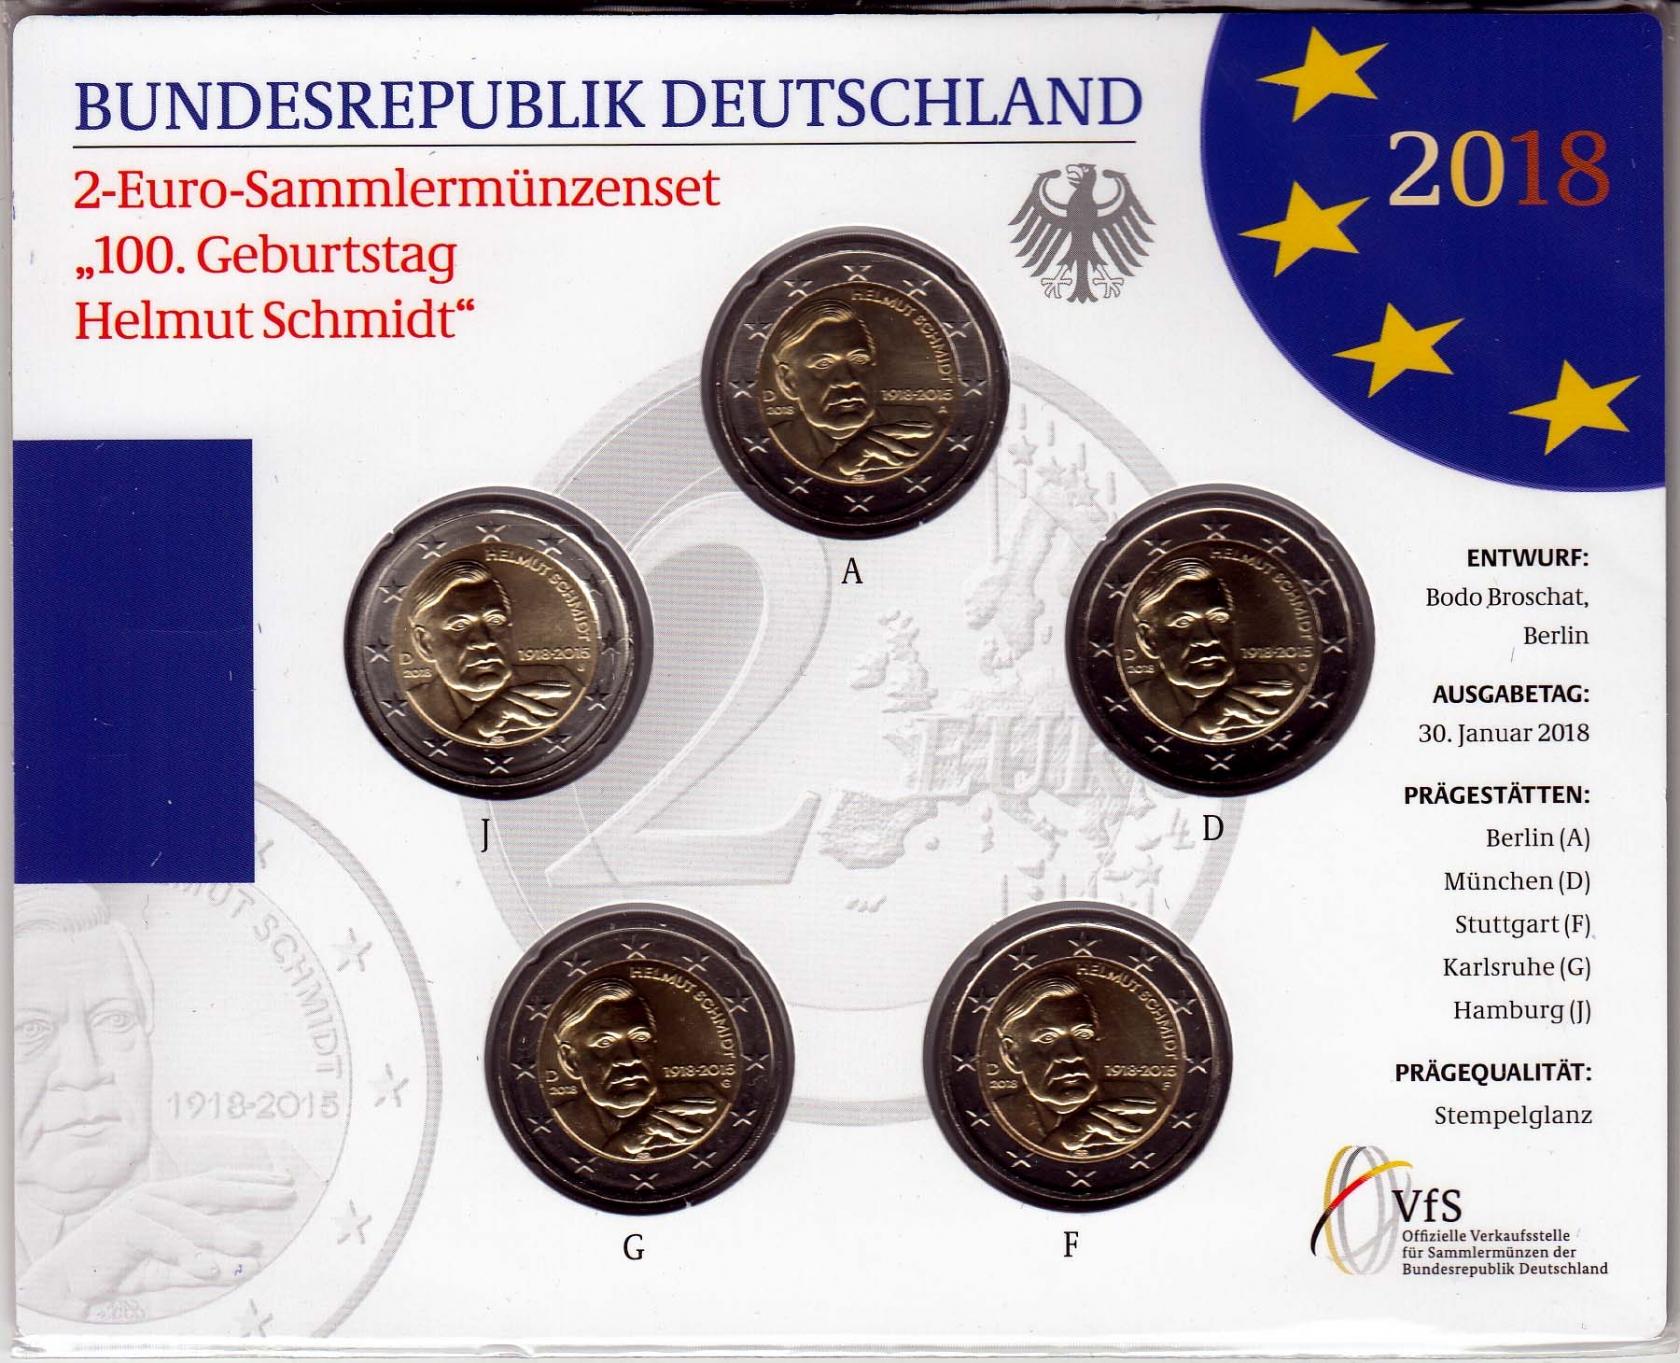 Bund 2 100 Geburtstag Helmut Schmidt 2018 Münzset Marktplatz